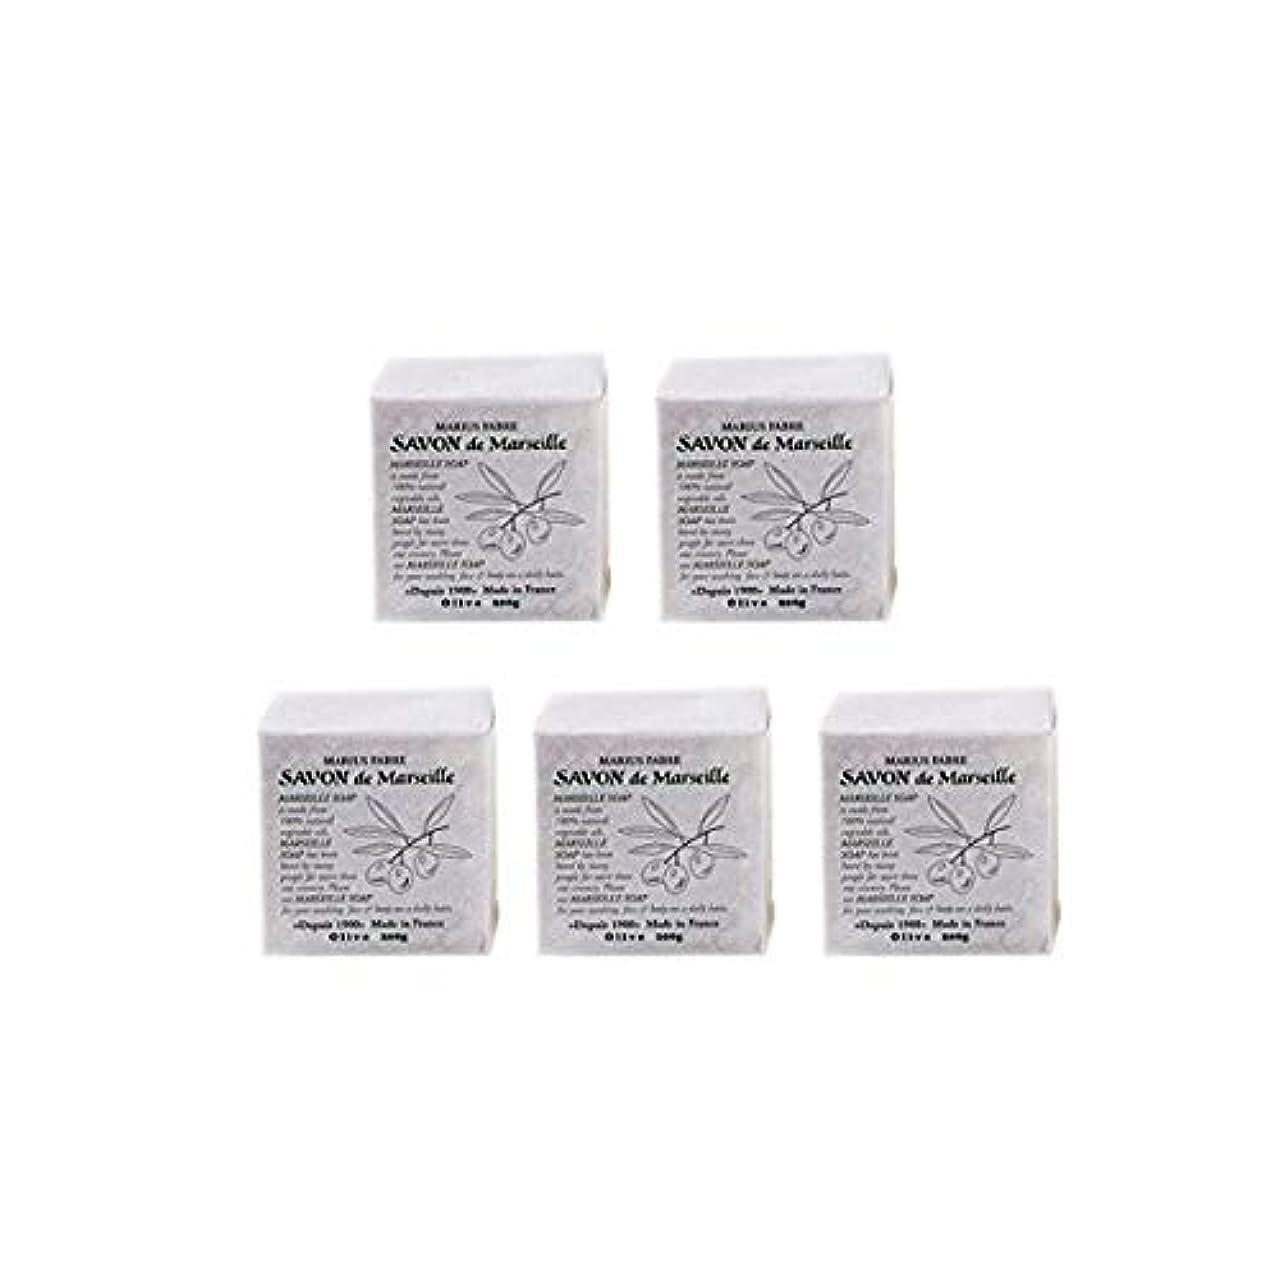 同様に夜納屋マリウスファーブルサボンドマルセイユ無香料オリーブN(無香料)5個セット(200g×5個)マリウスファーブルのマルセイユ石鹸 無香料